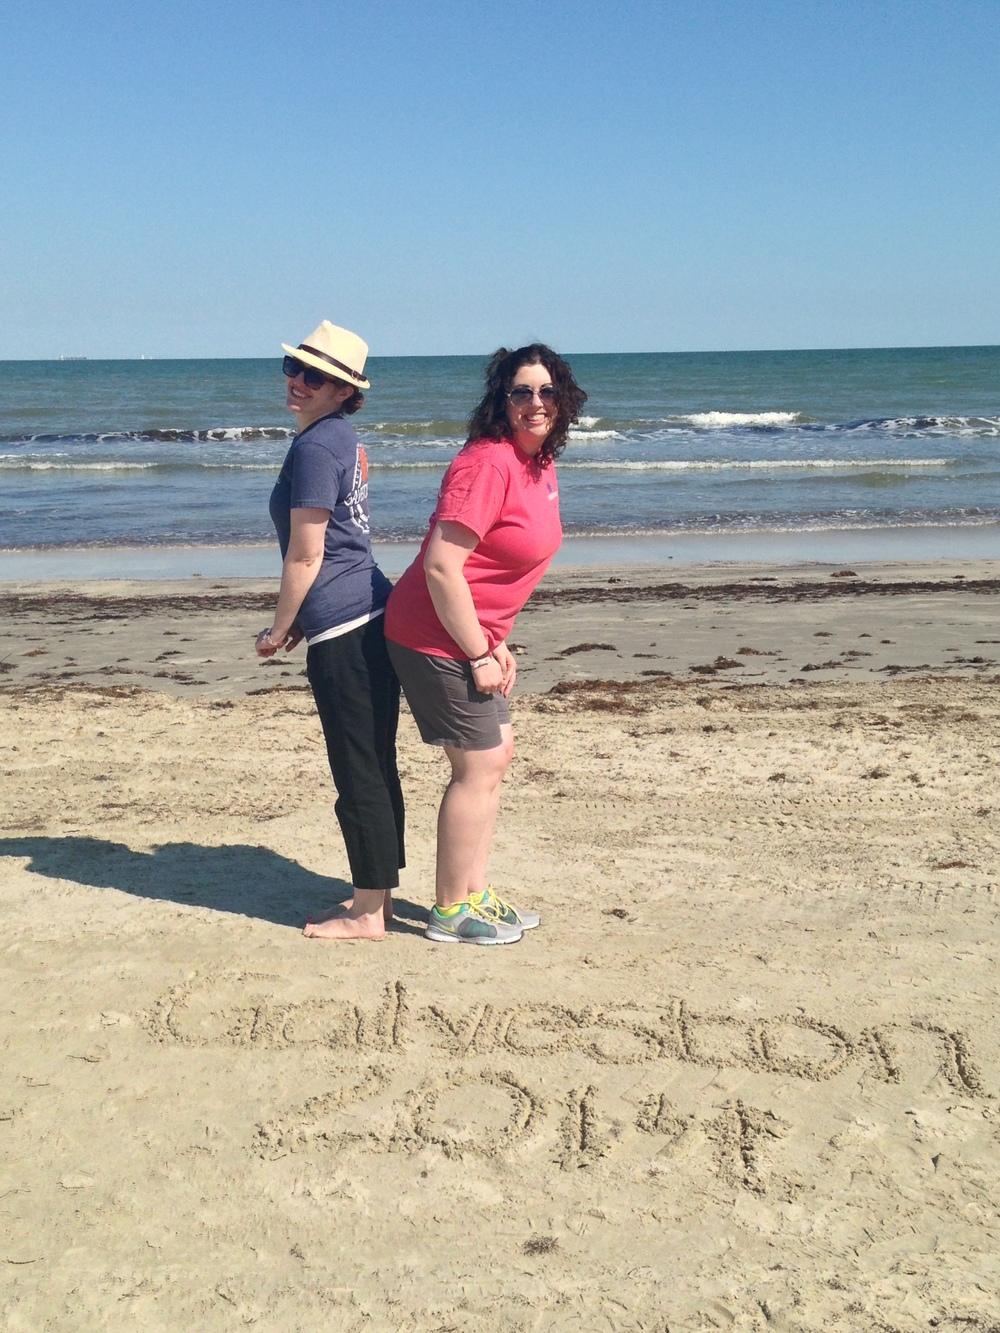 jatie on beach 2.jpg